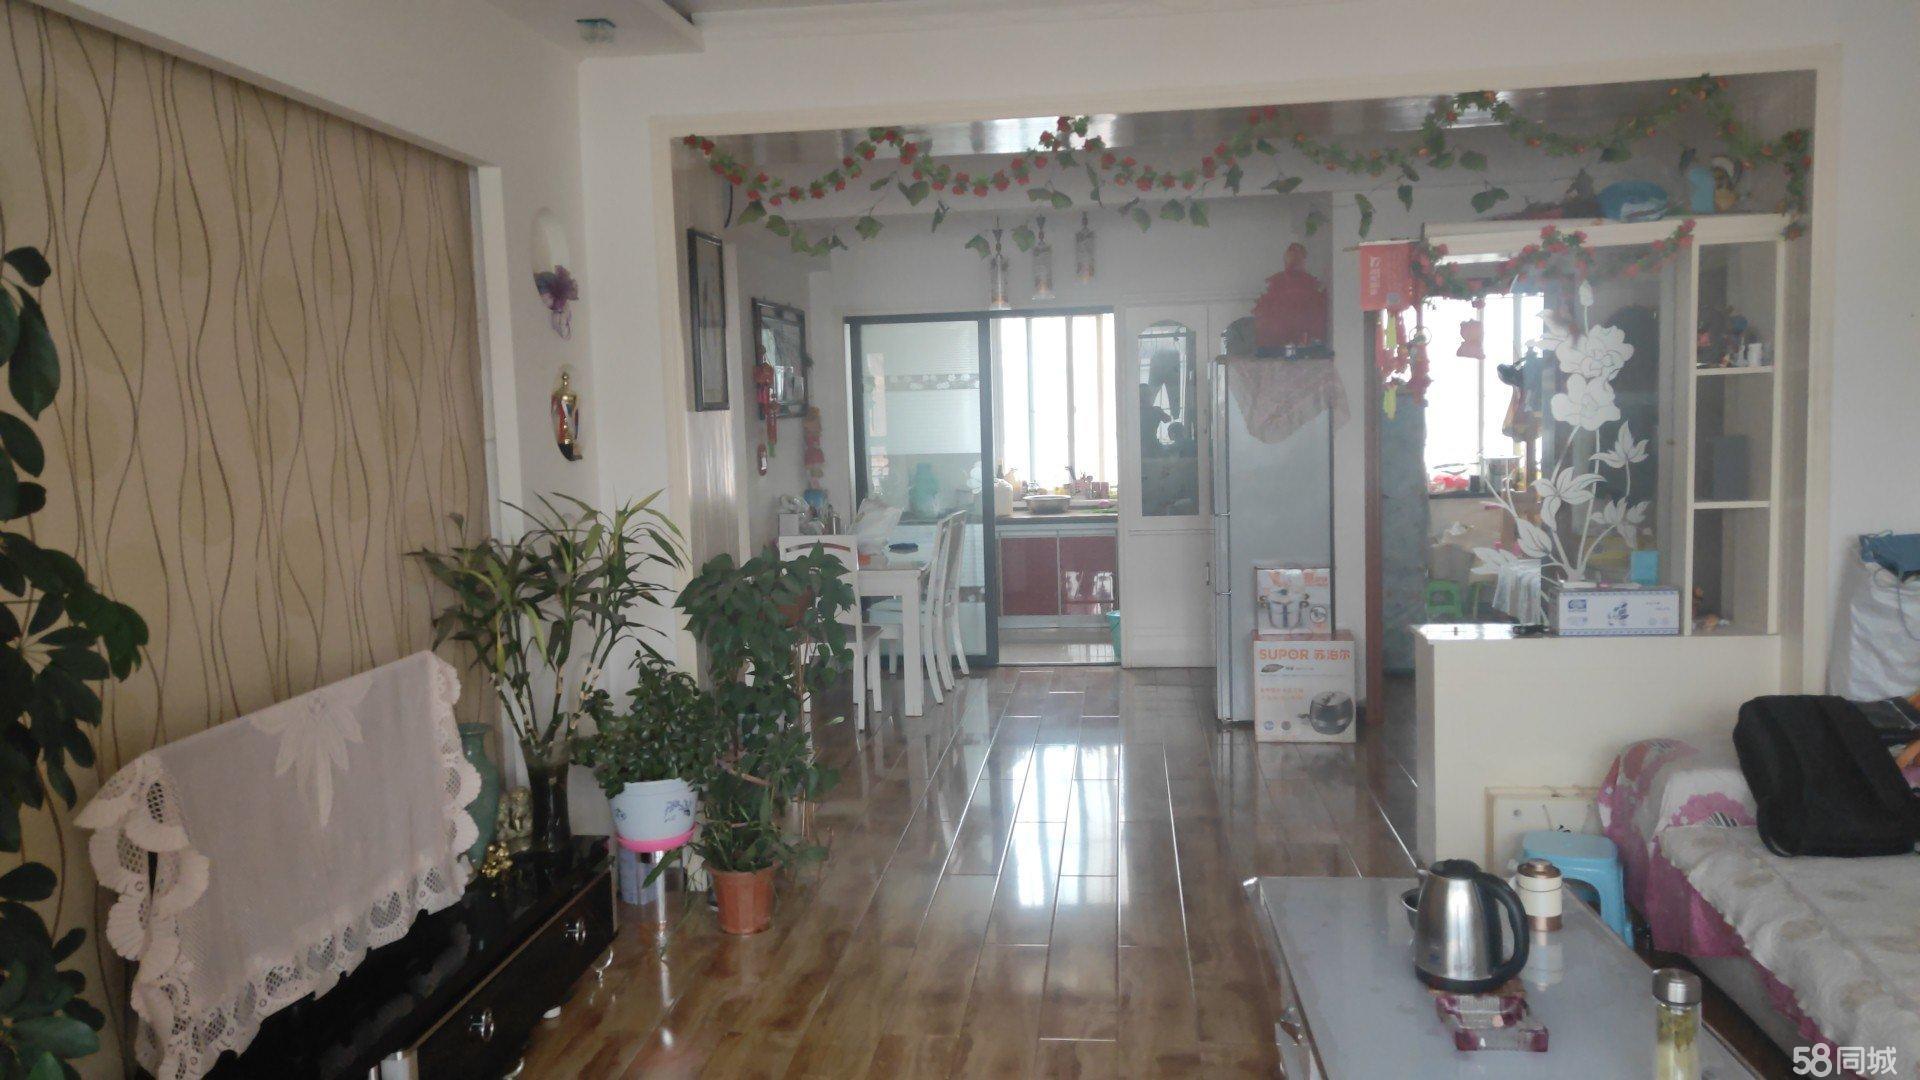 清水县经典庄园小区107平精装房出售45万